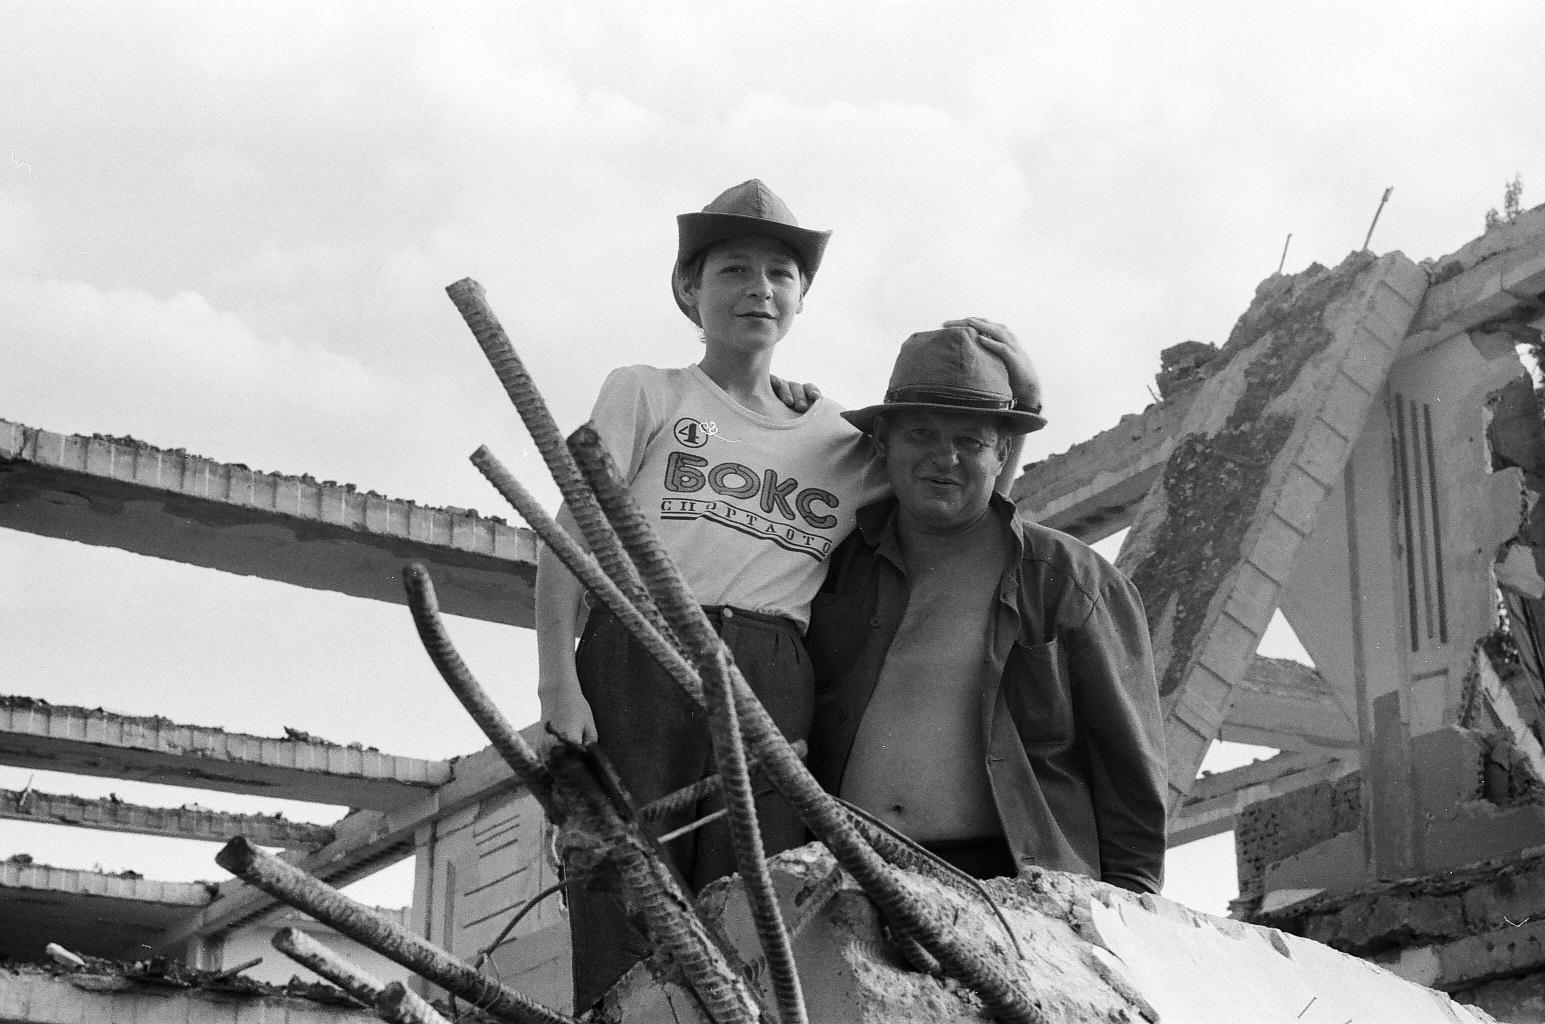 Нажмите на изображение для увеличения.  Название:Отец RV6AAN и сын-Ленинакан-1989.jpg Просмотров:4 Размер:559.8 Кб ID:228450